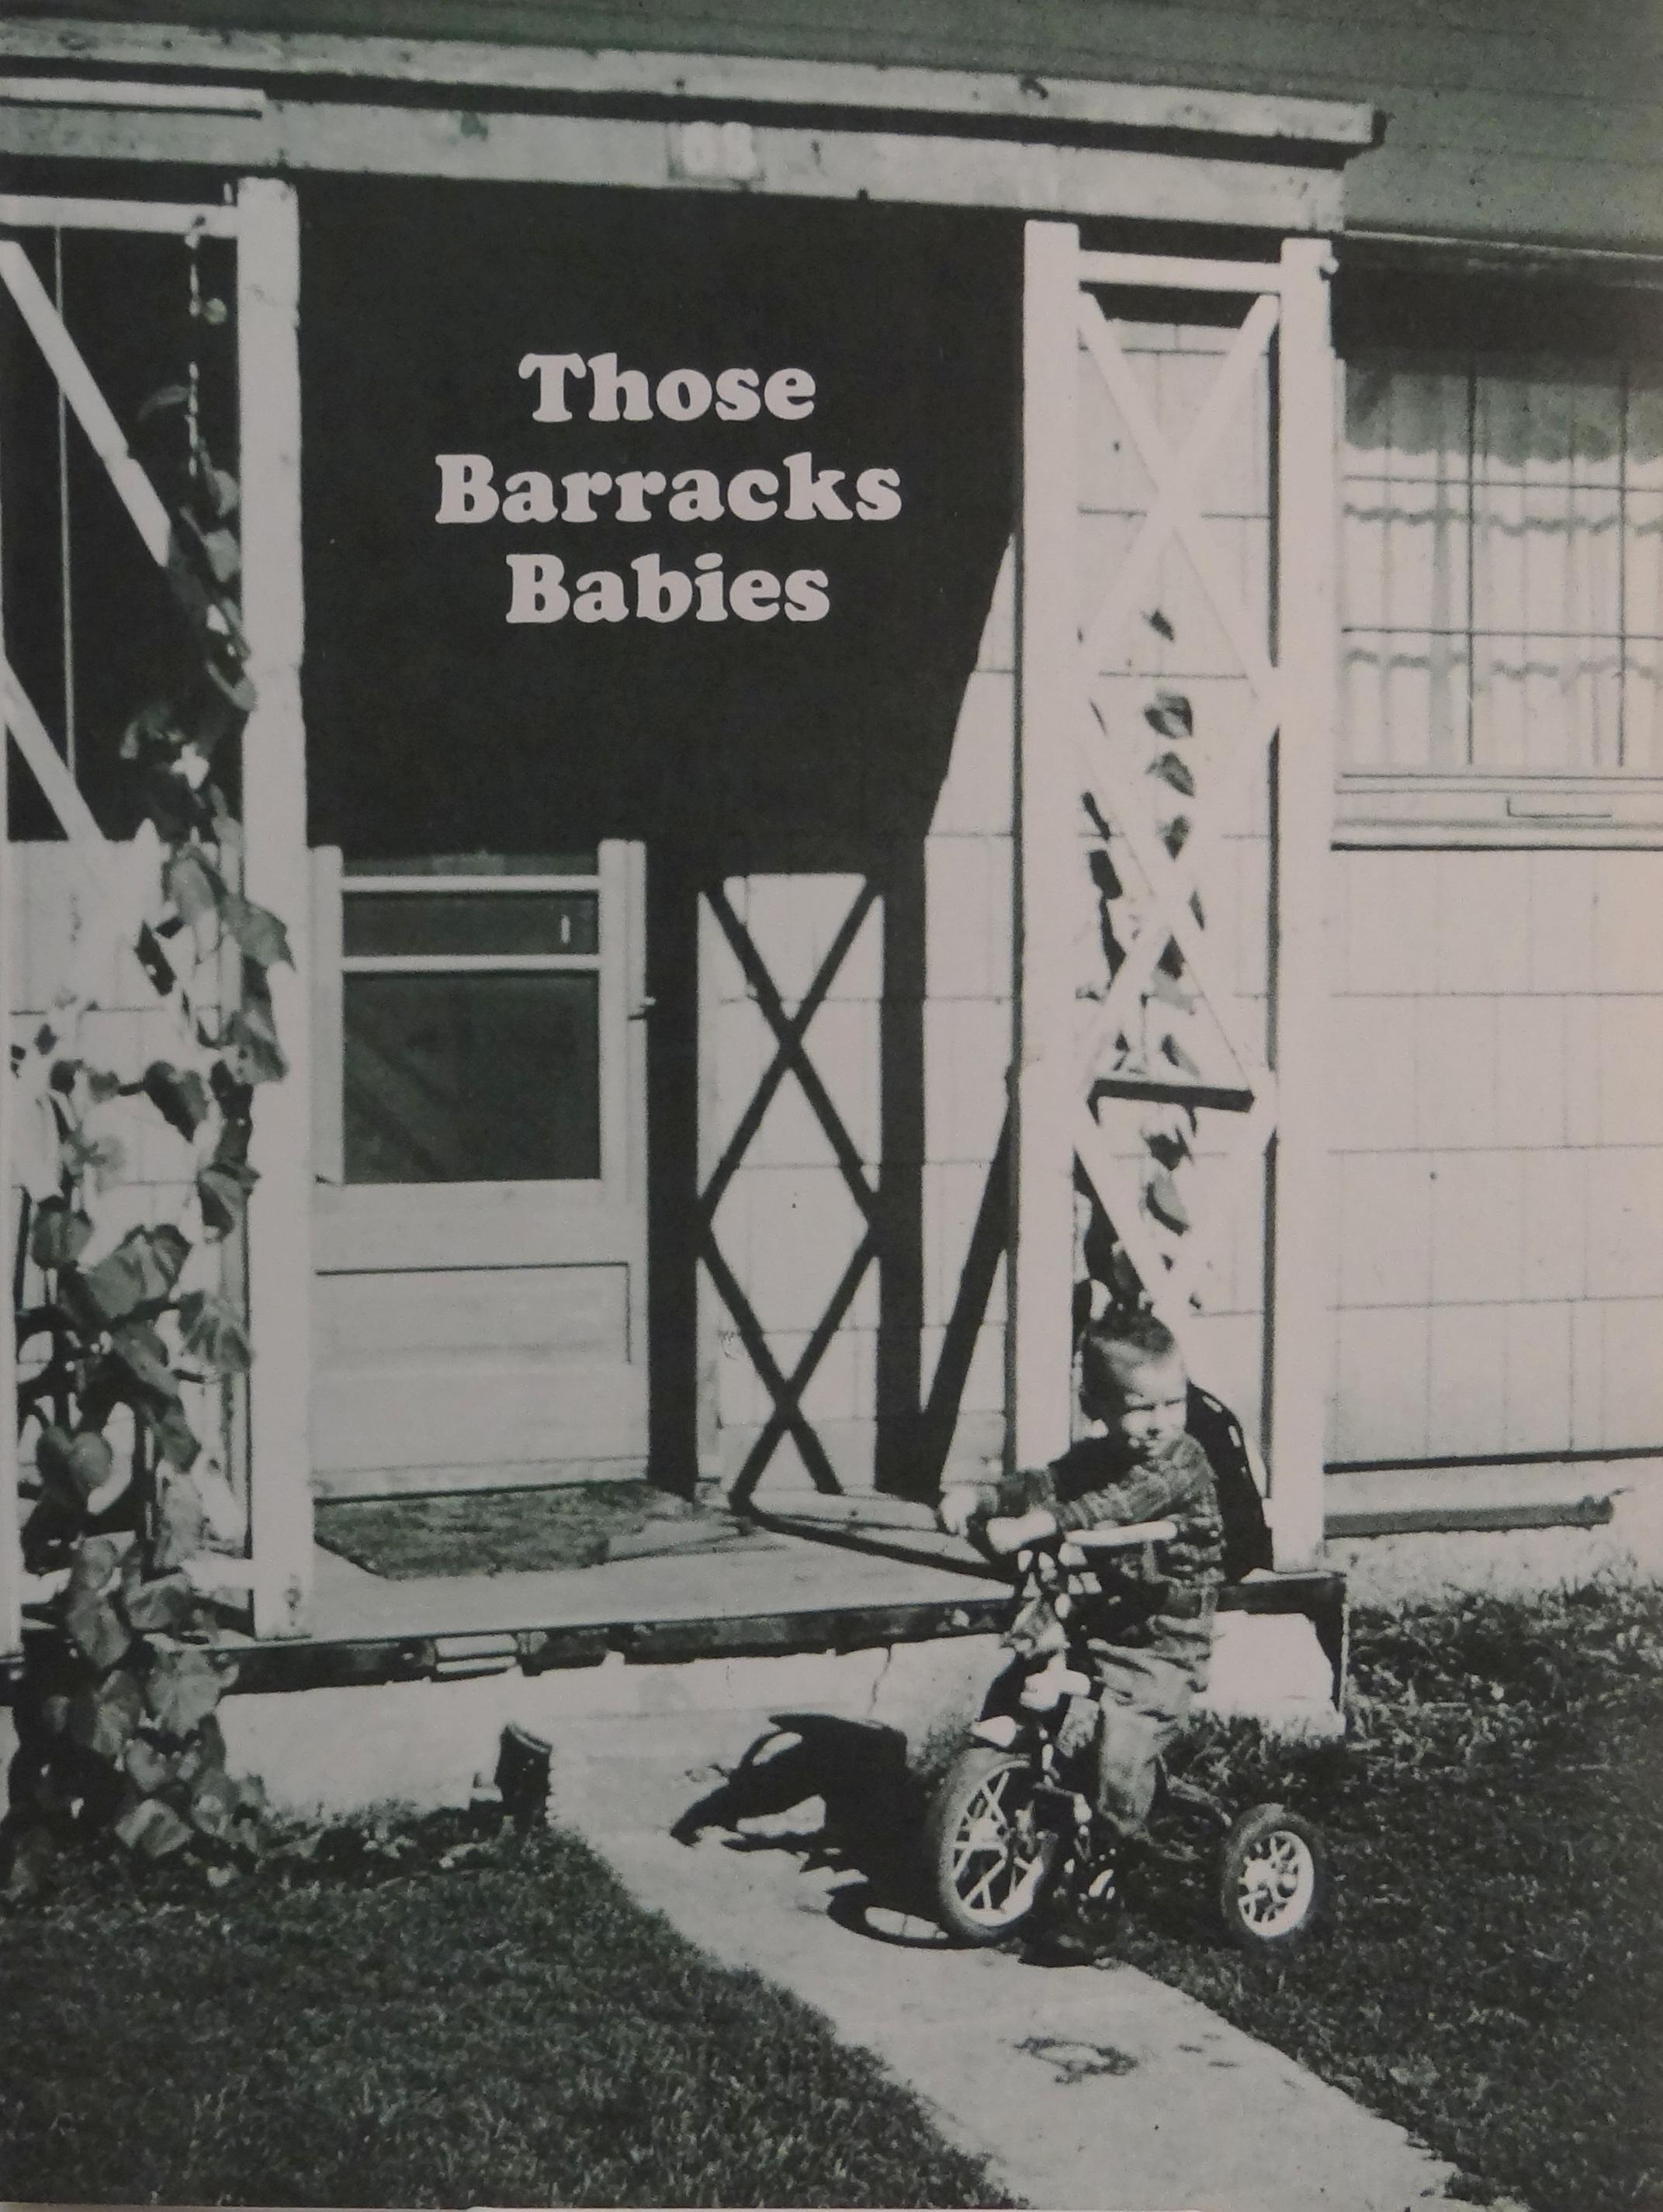 Those Barracks Babies Image